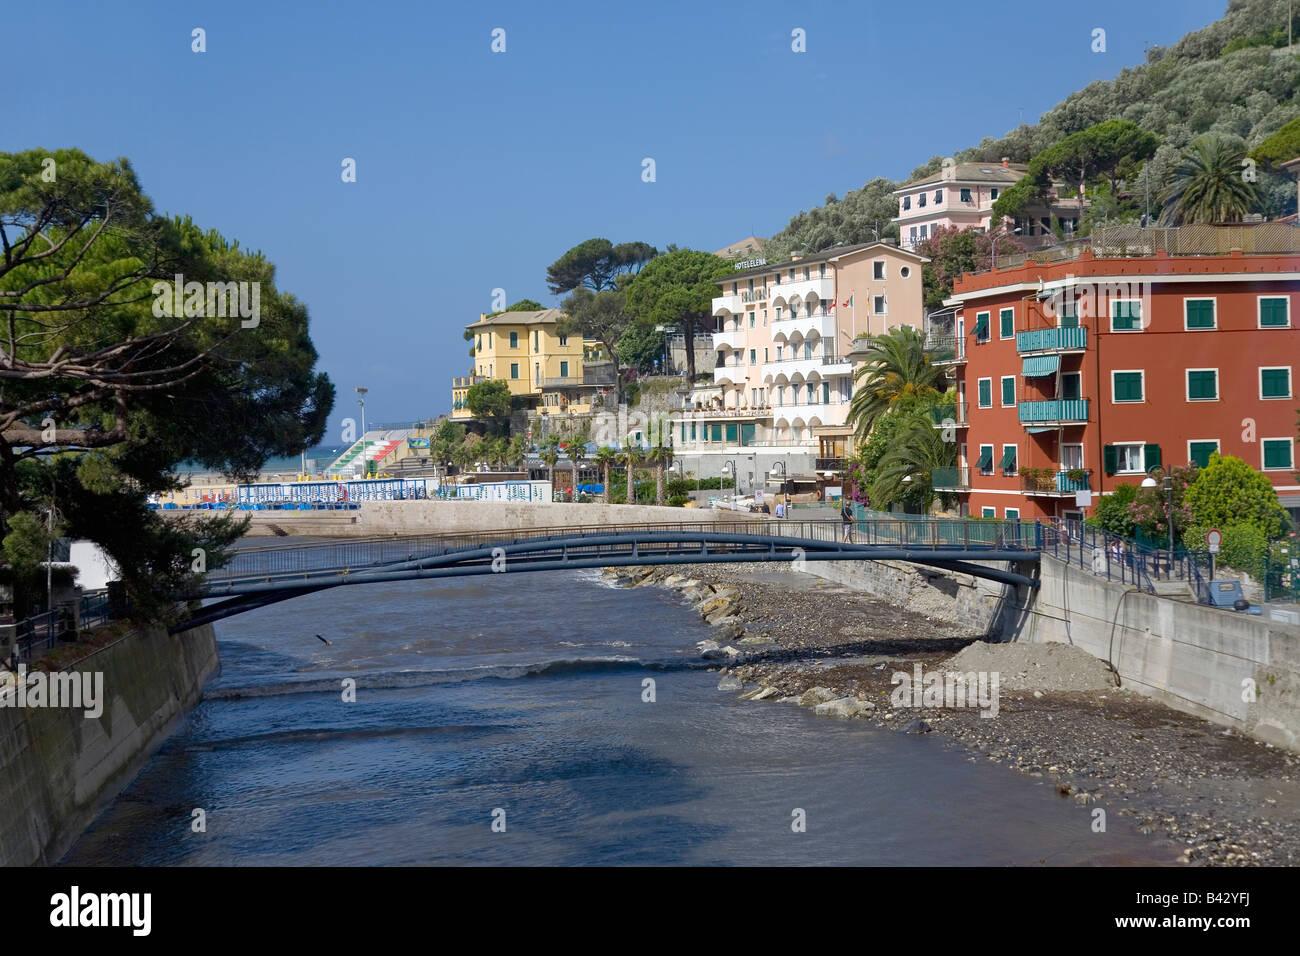 Italian seaside communities near Santa Margarita, the Italian Riviera, on the Mediterranean Sea, Italy, Europe - Stock Image